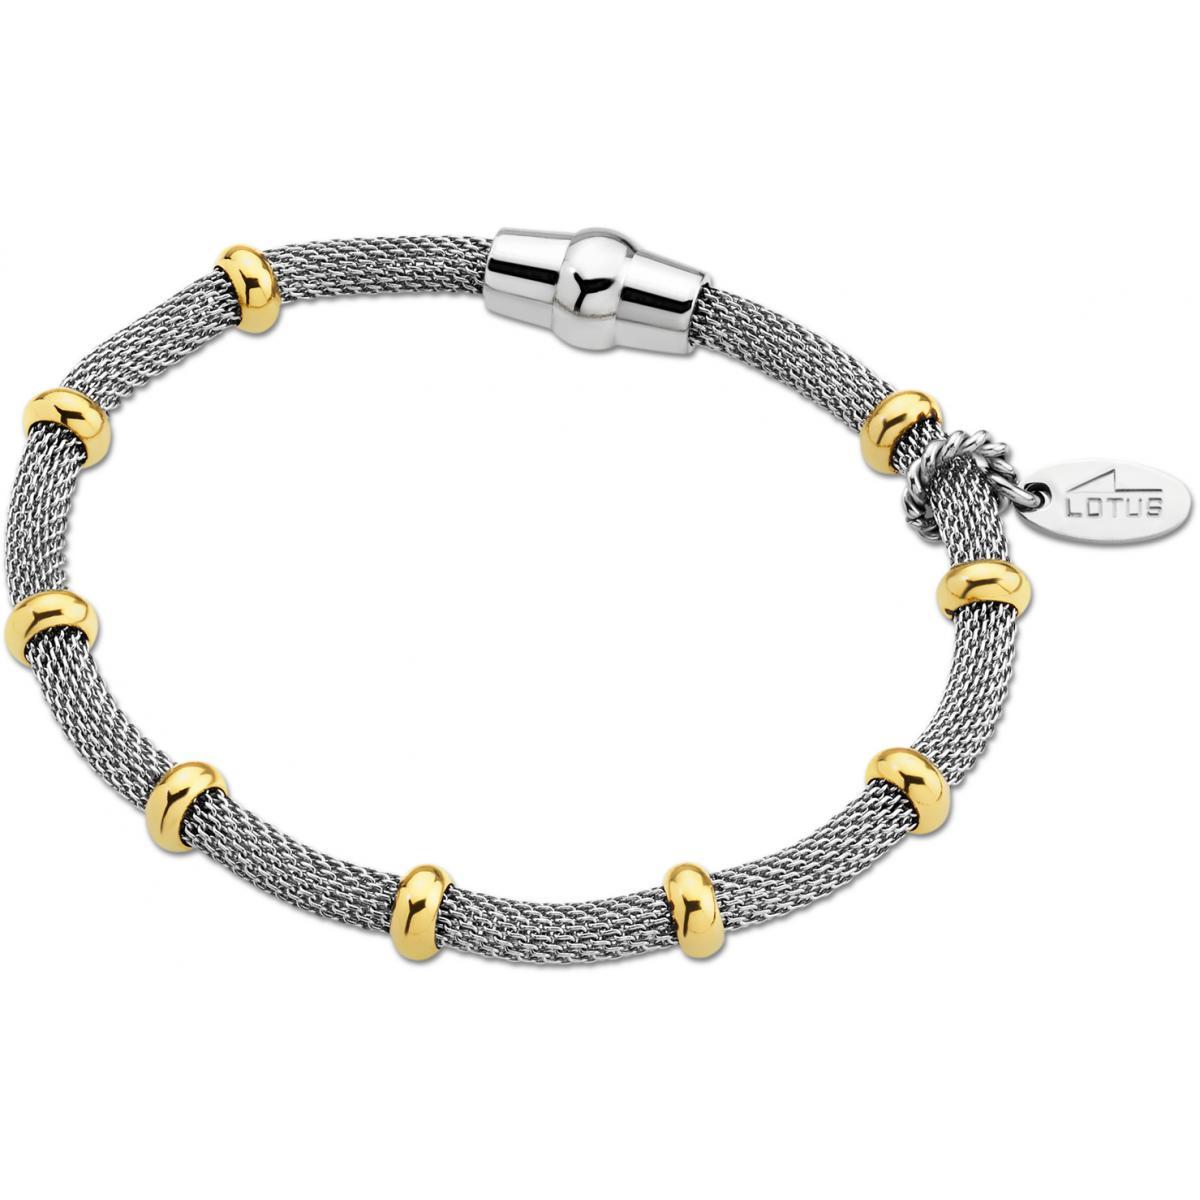 Bracelet Lotus Style LS1680-2-2 - Bracelet Maillon Bicolore Mode Femme